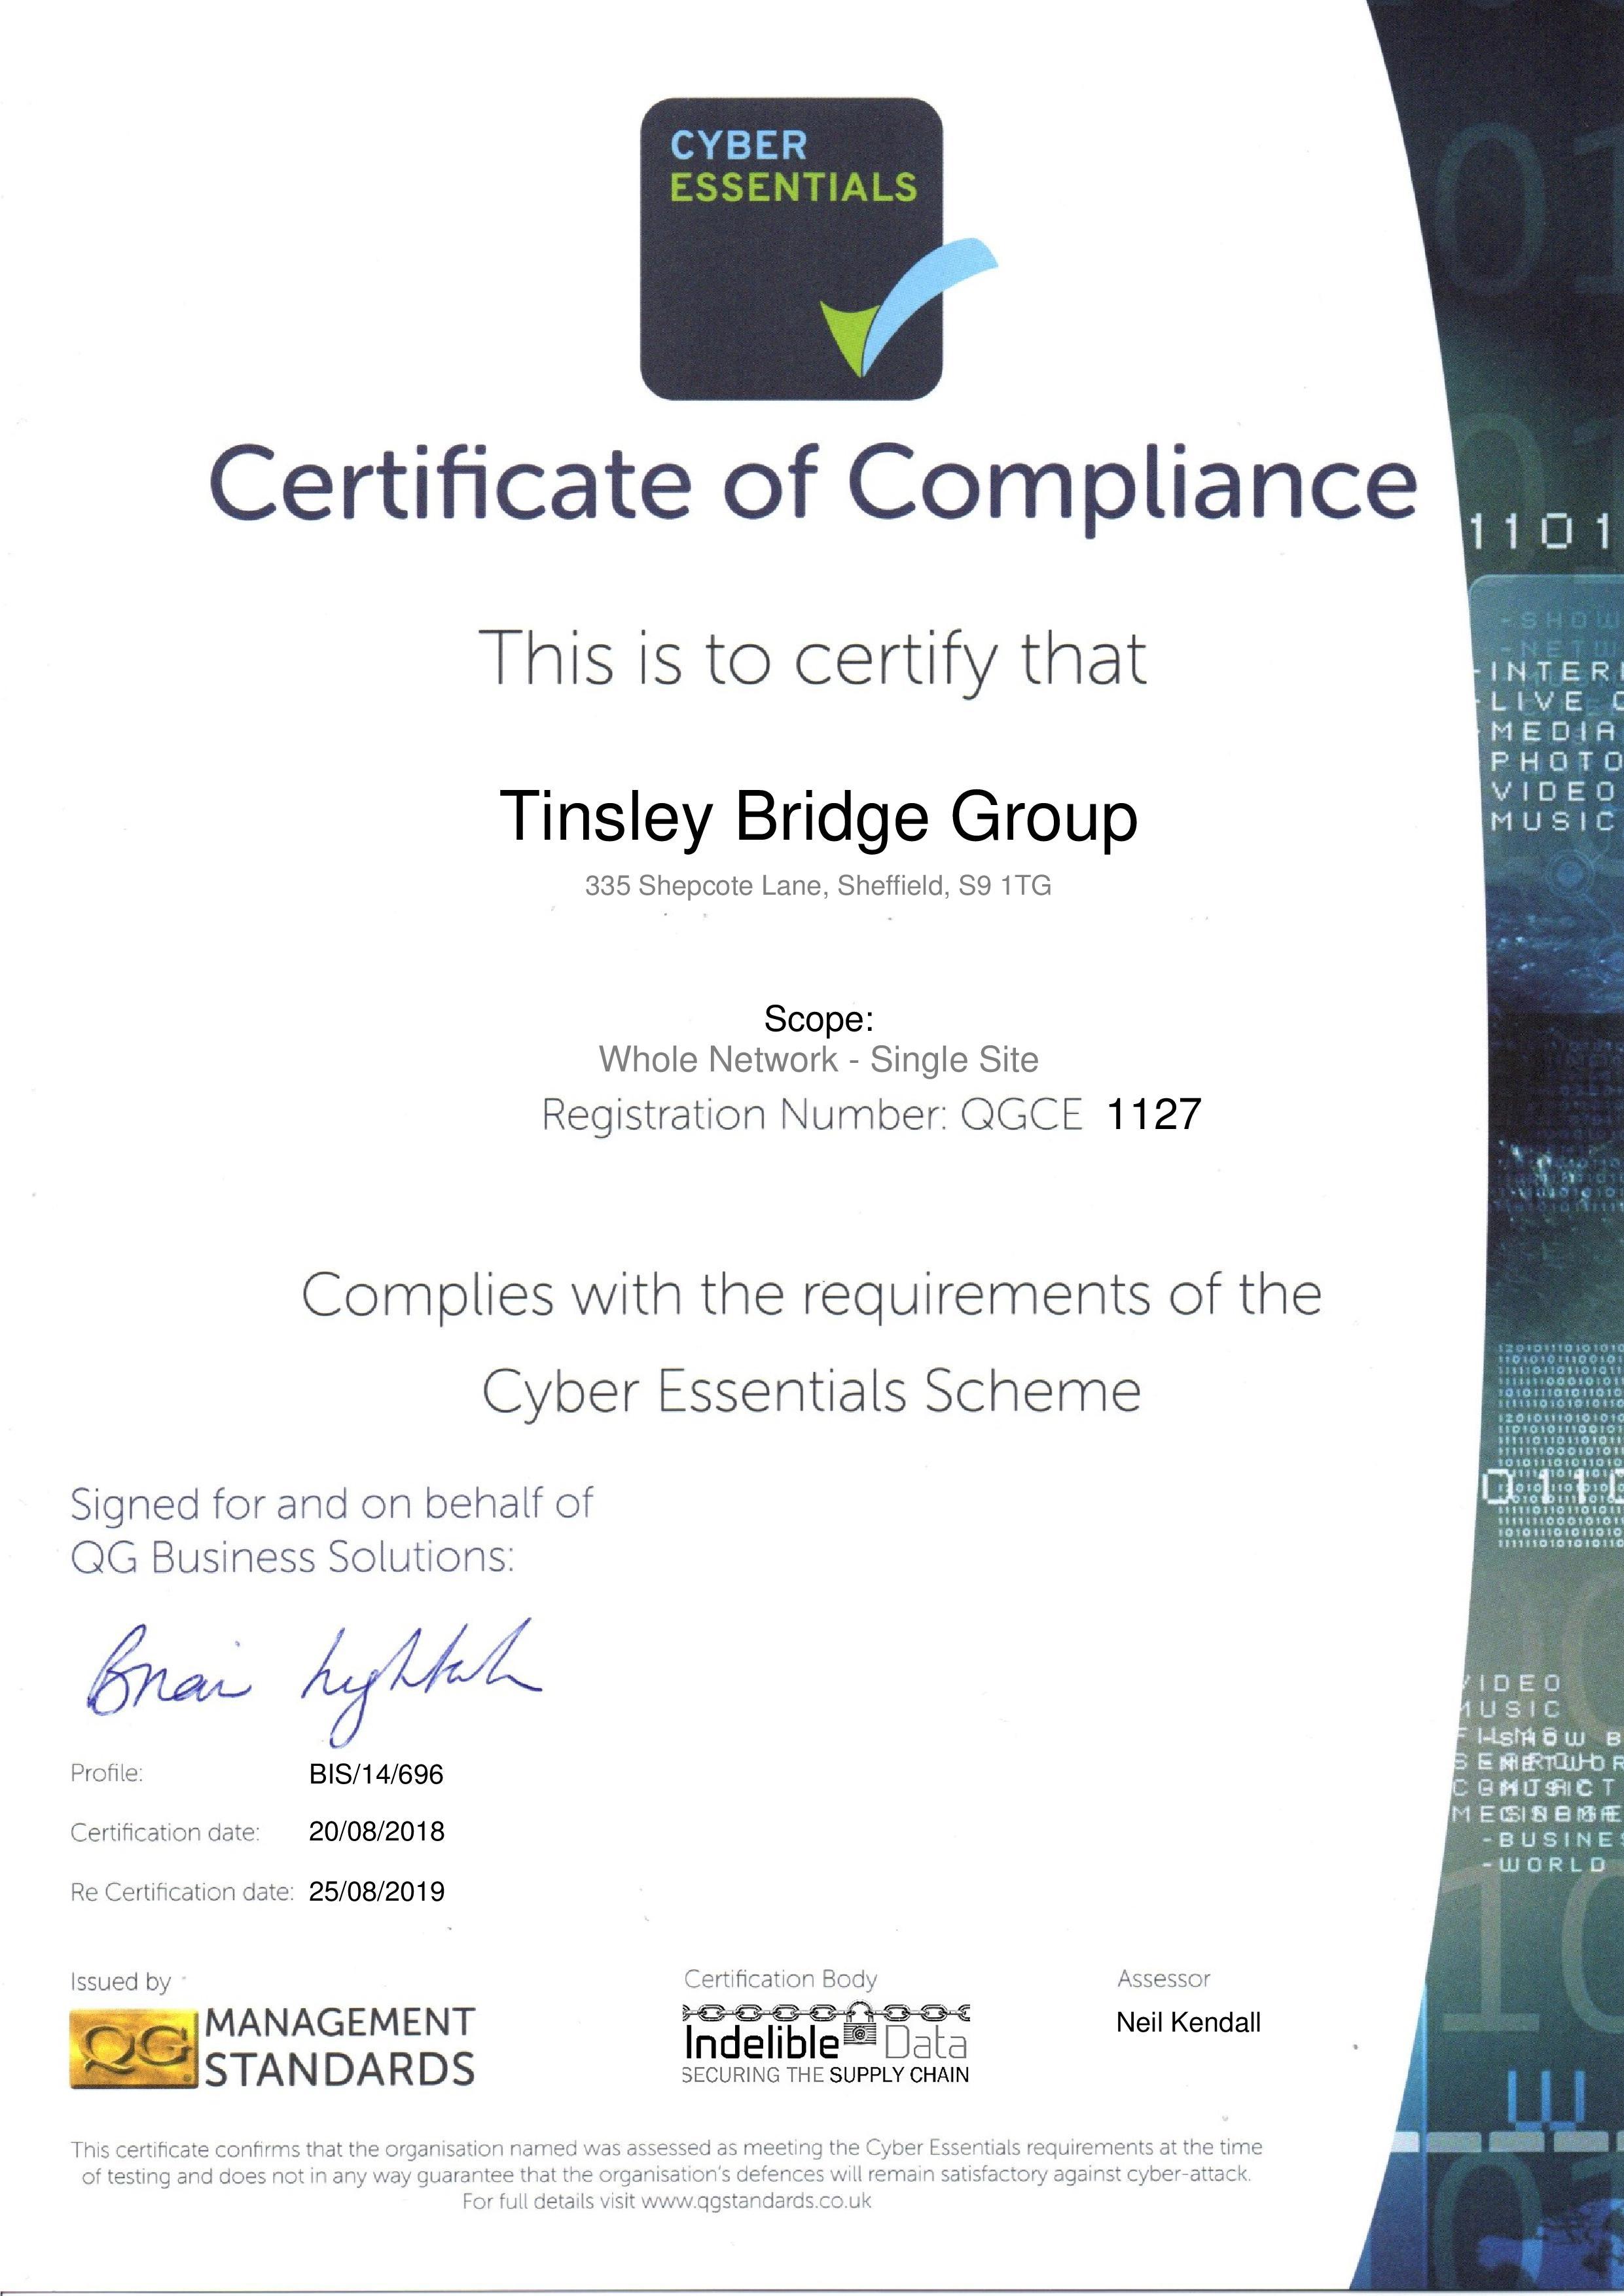 Cyber Essential Certificate 2018